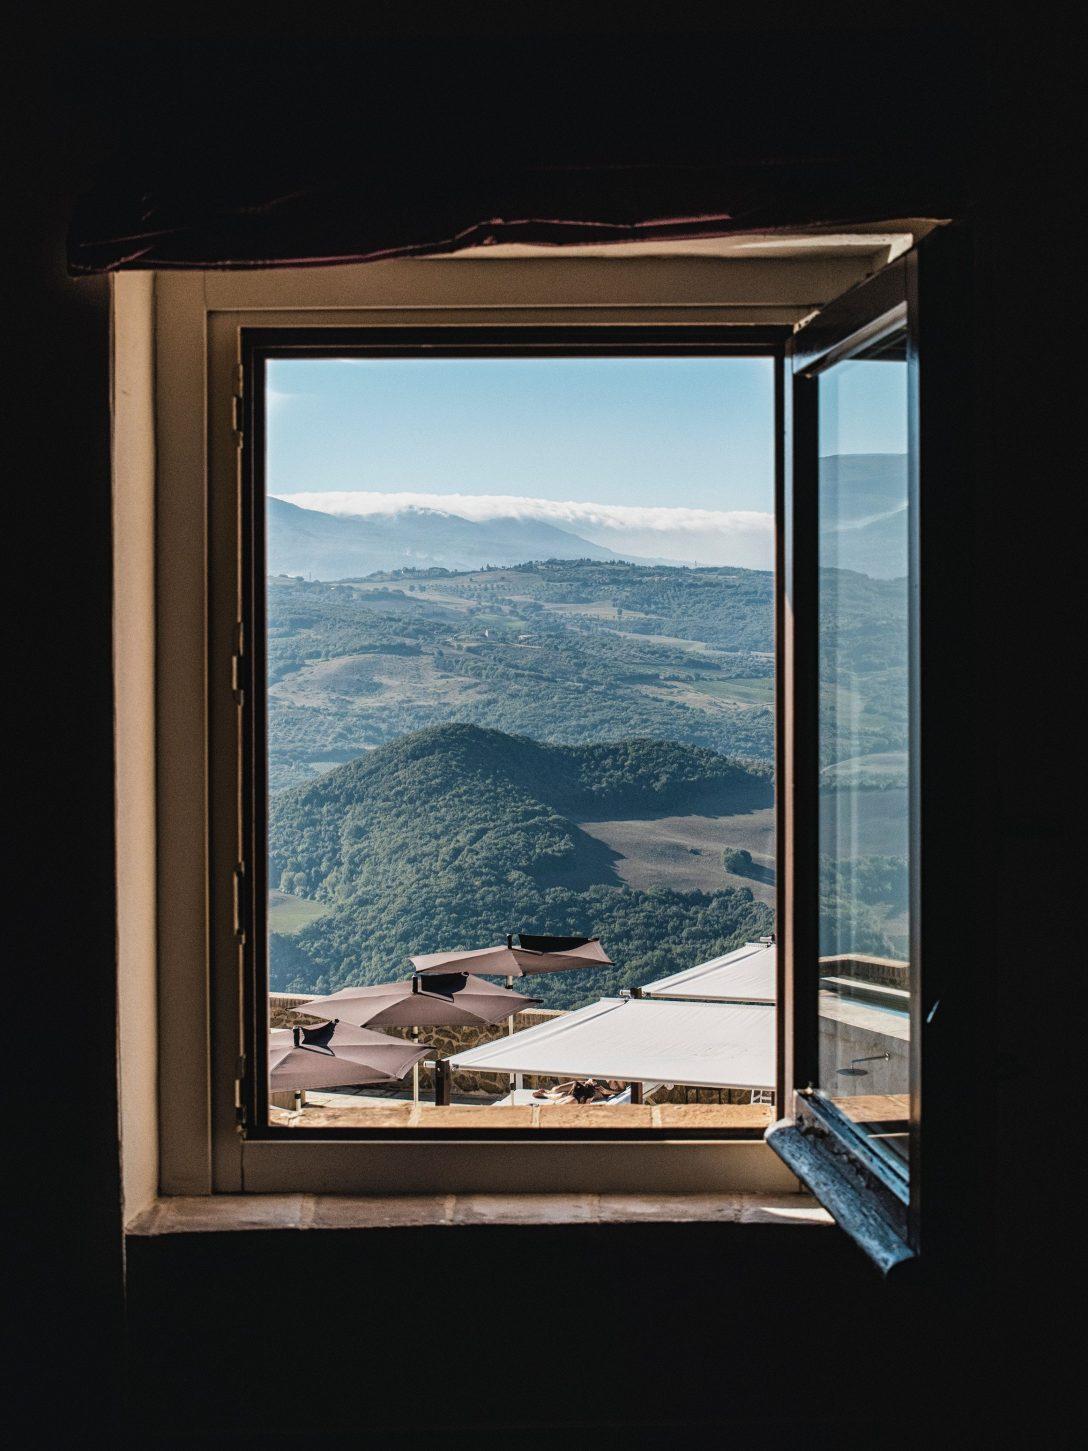 Large Size of Günstige Fenster Ein Angebot Erhalten Sie Bei Uns Innerhalb Von 24 Stunden Einbauen Verdunkeln Mit Sprossen Velux Gardinen Sicherheitsfolie Veka Kaufen In Fenster Günstige Fenster